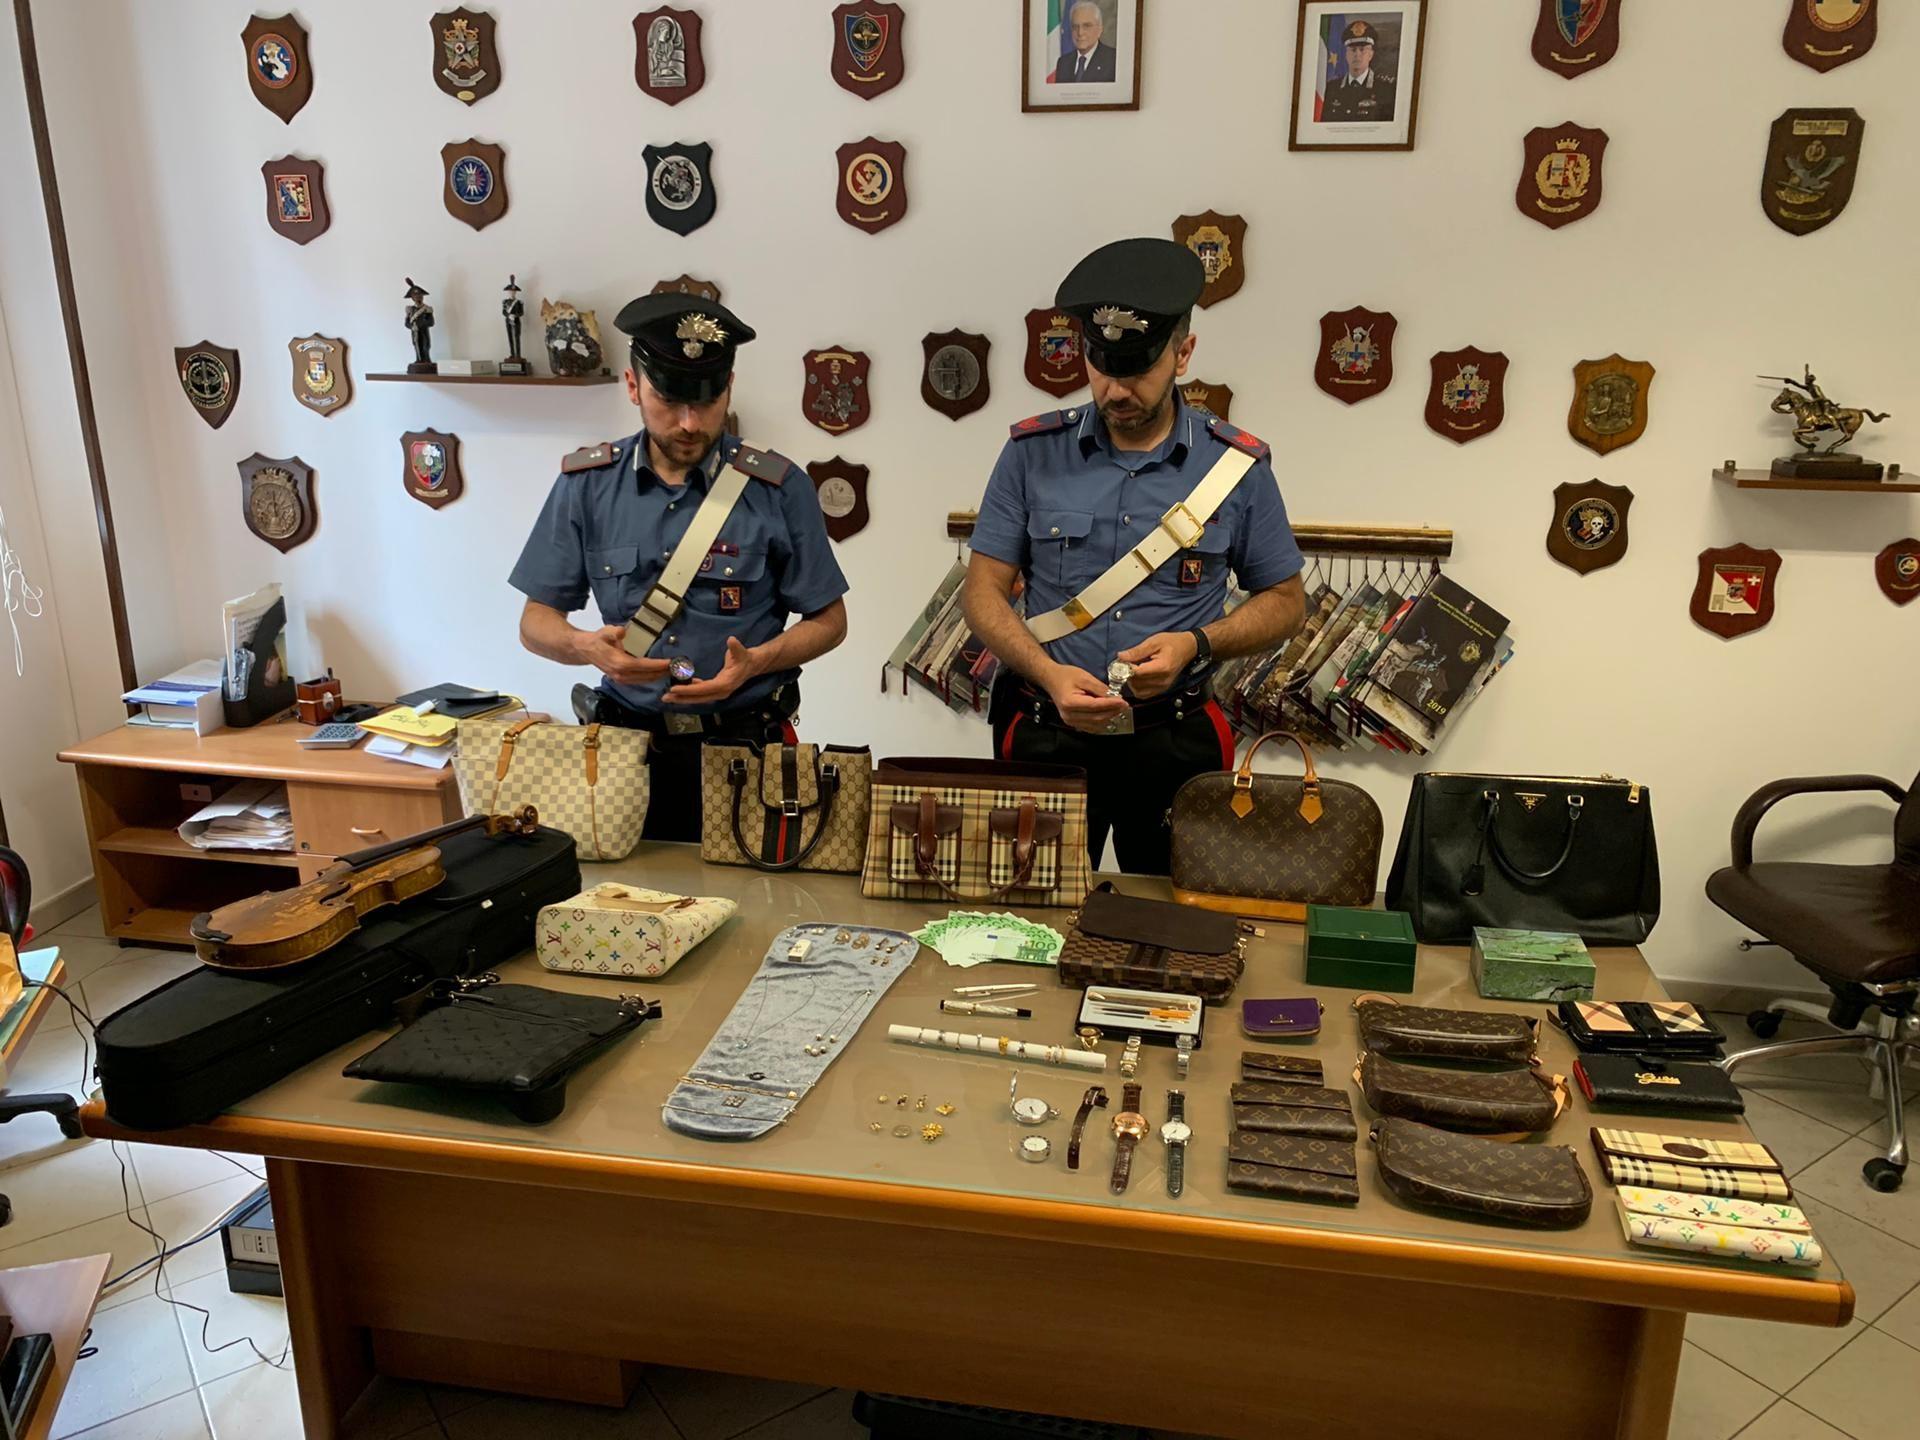 VILLARETTO - Carabinieri trovano uno Stradivari al campo nomadi